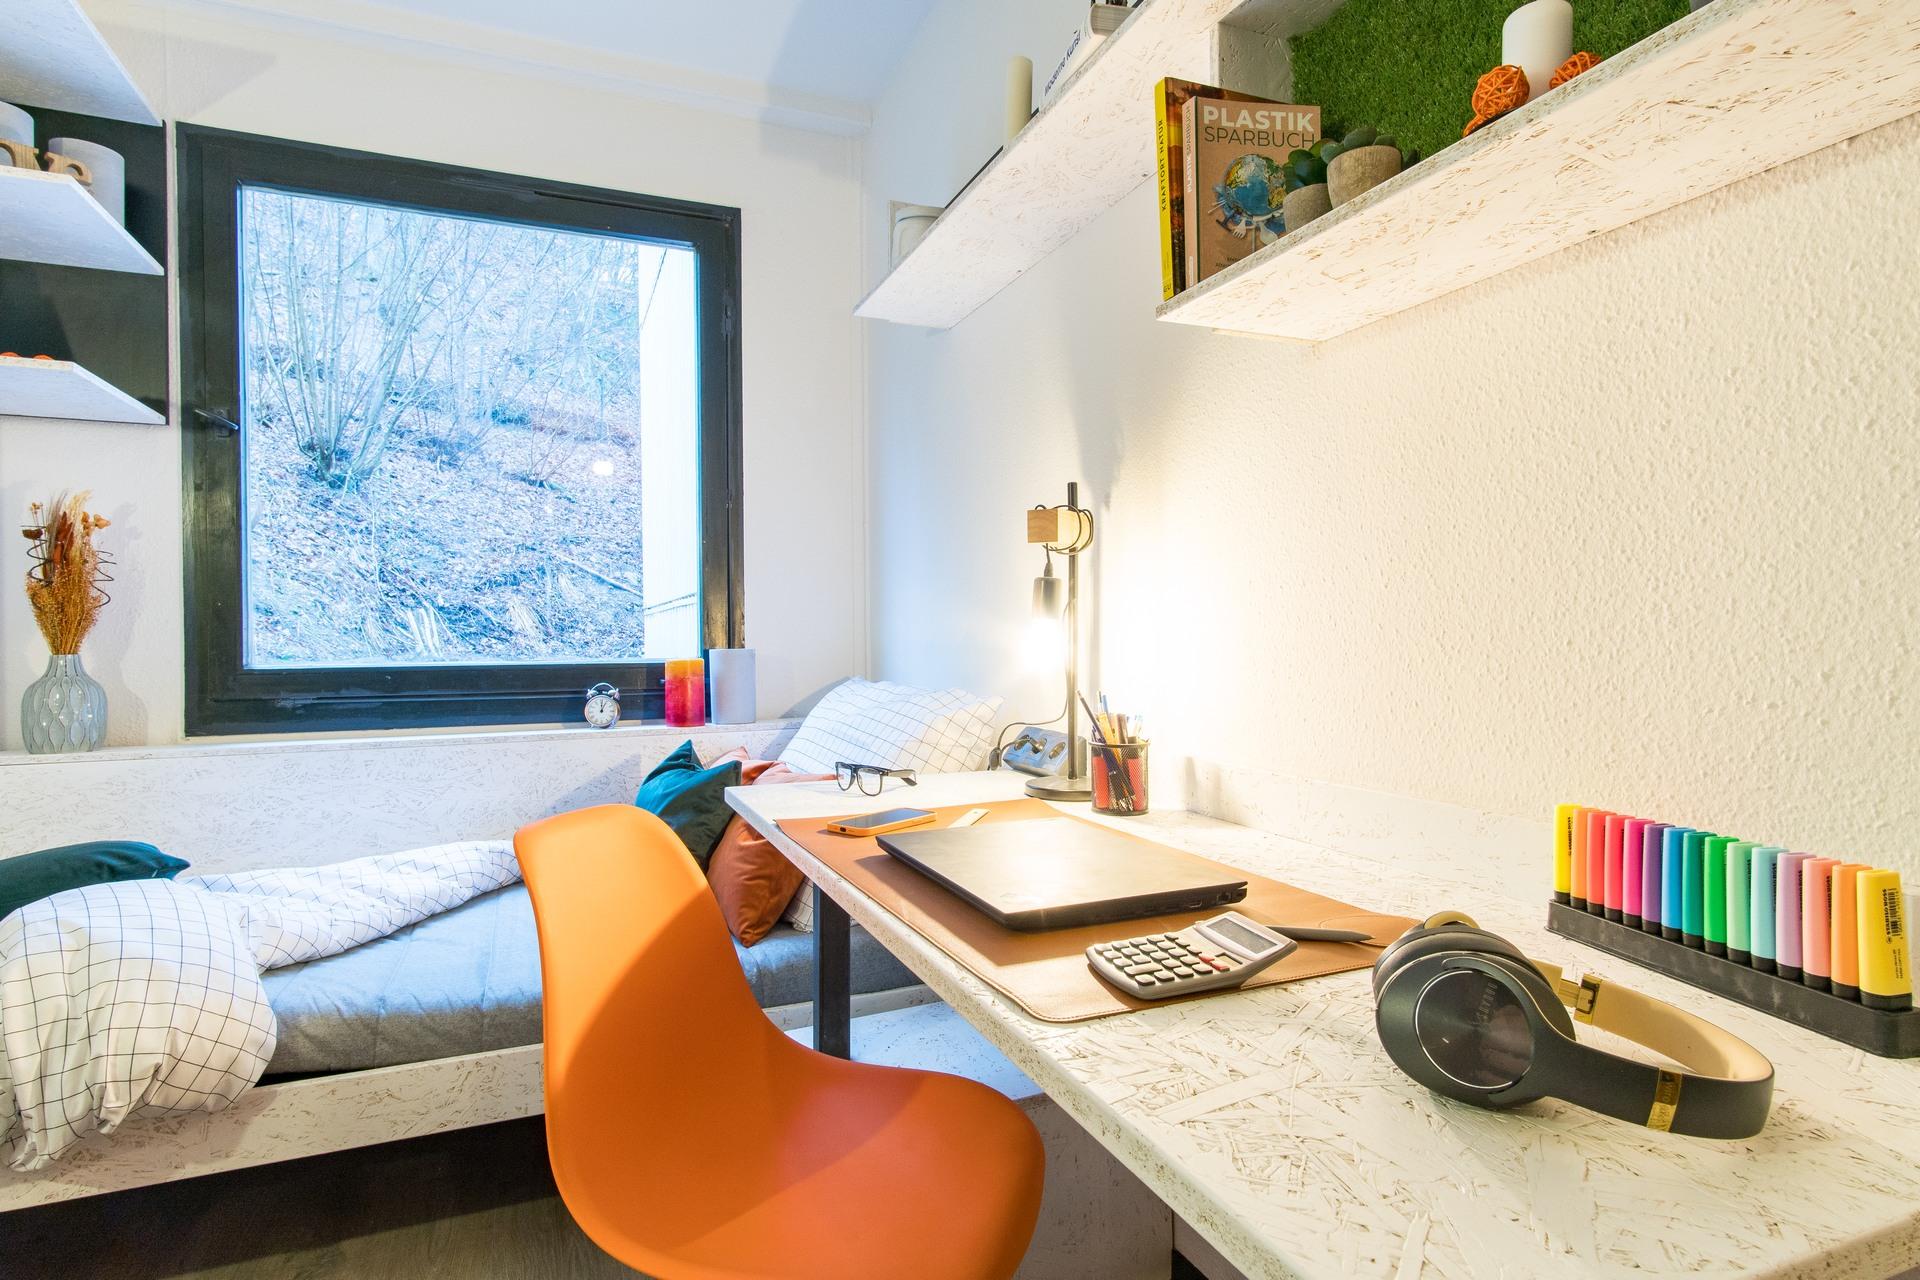 Architekturfotografie Immobilienfotografie Interiorfotografie